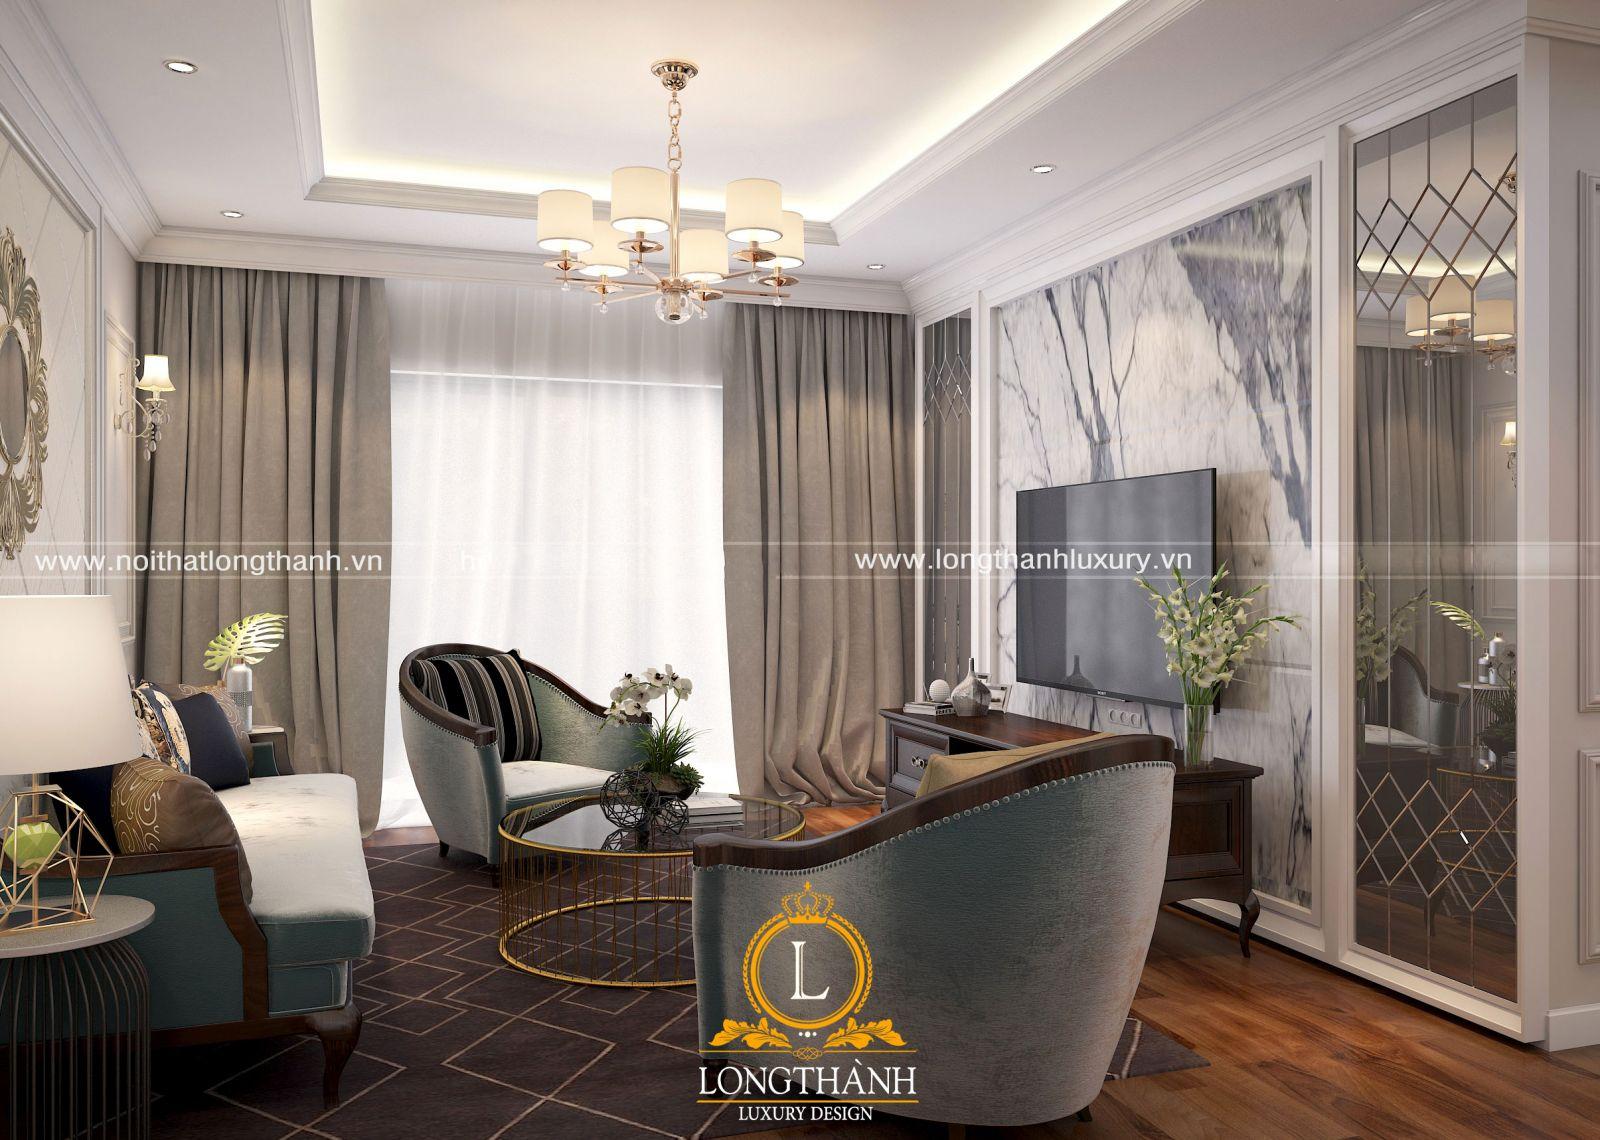 Trần phòng khách nhỏ được bố trí treo hệ đèn trang trí giúp không gian đẹp hơn